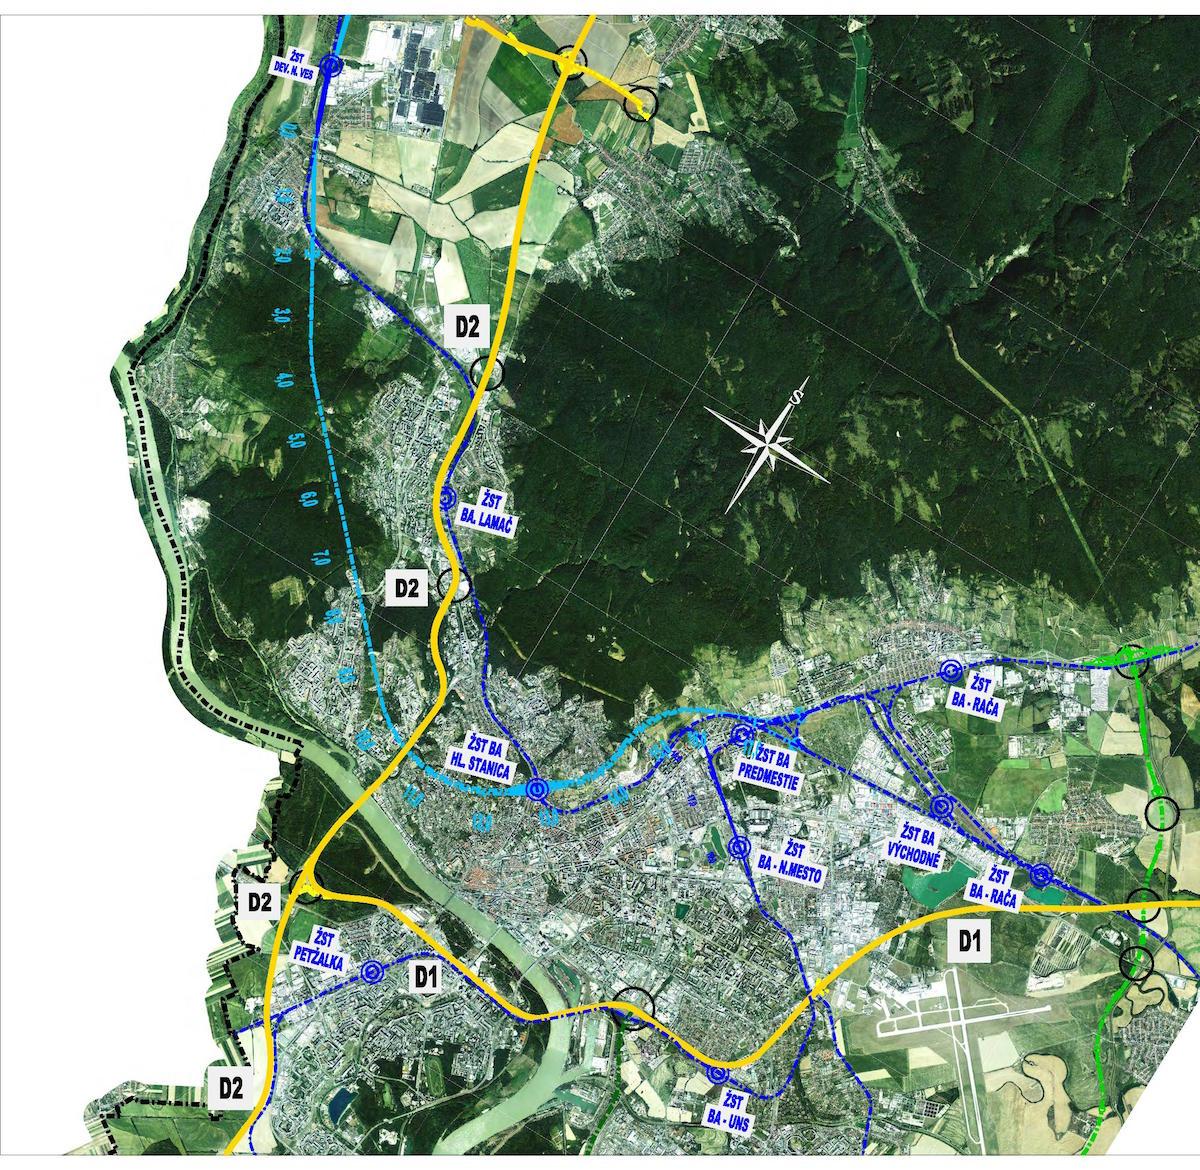 Navrhované železničné koridory pod územím Bratislavy (bledomodrá farba)